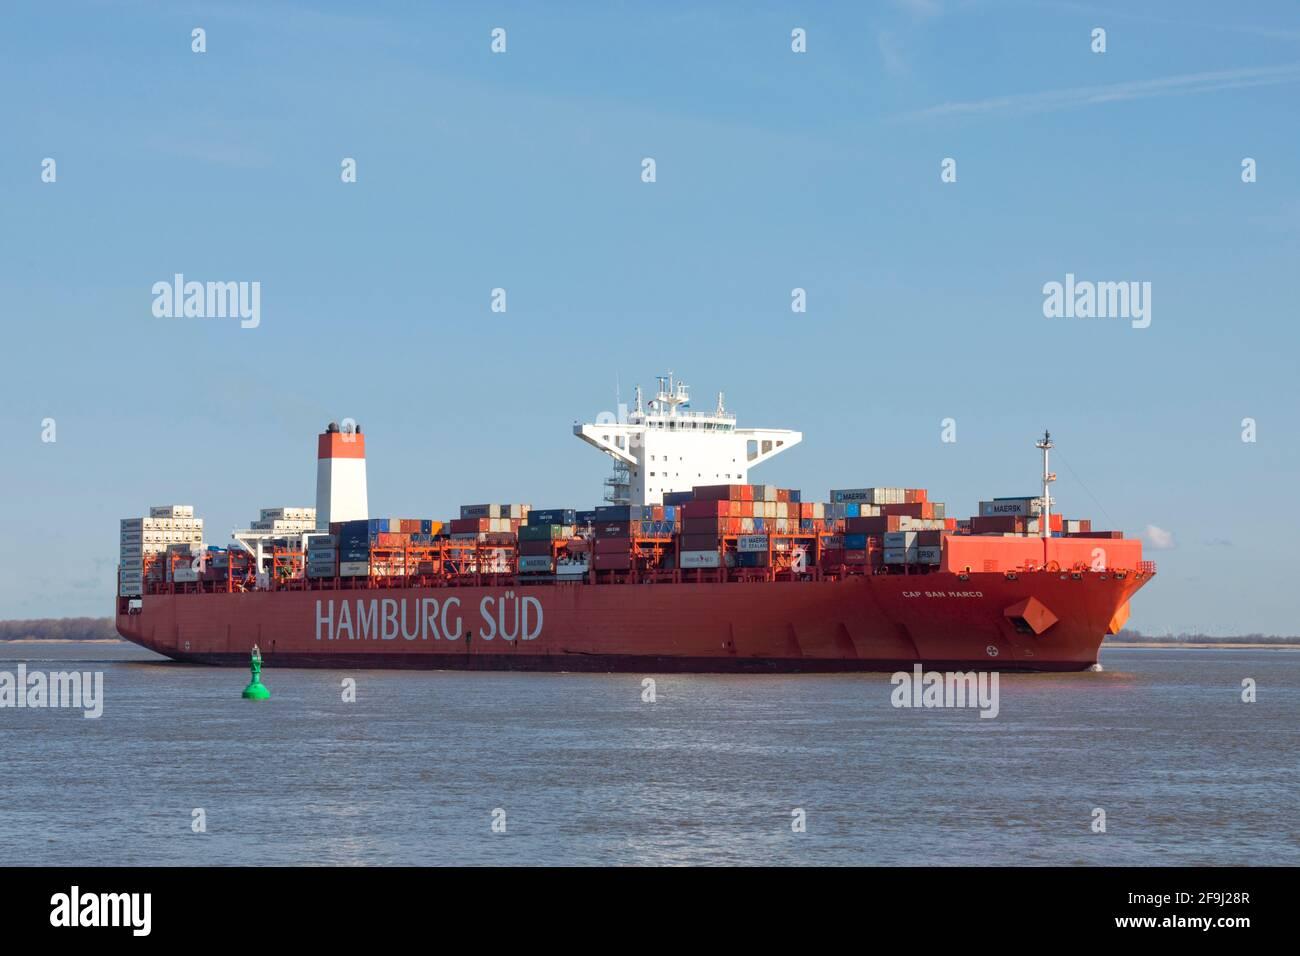 El buque contenedor Reefer CAP SAN MARCO, operado por la compañía naviera HAMBURG Süd, pasa por el puerto de Stadersand en el río Elbe en dirección a Hamburgo Foto de stock